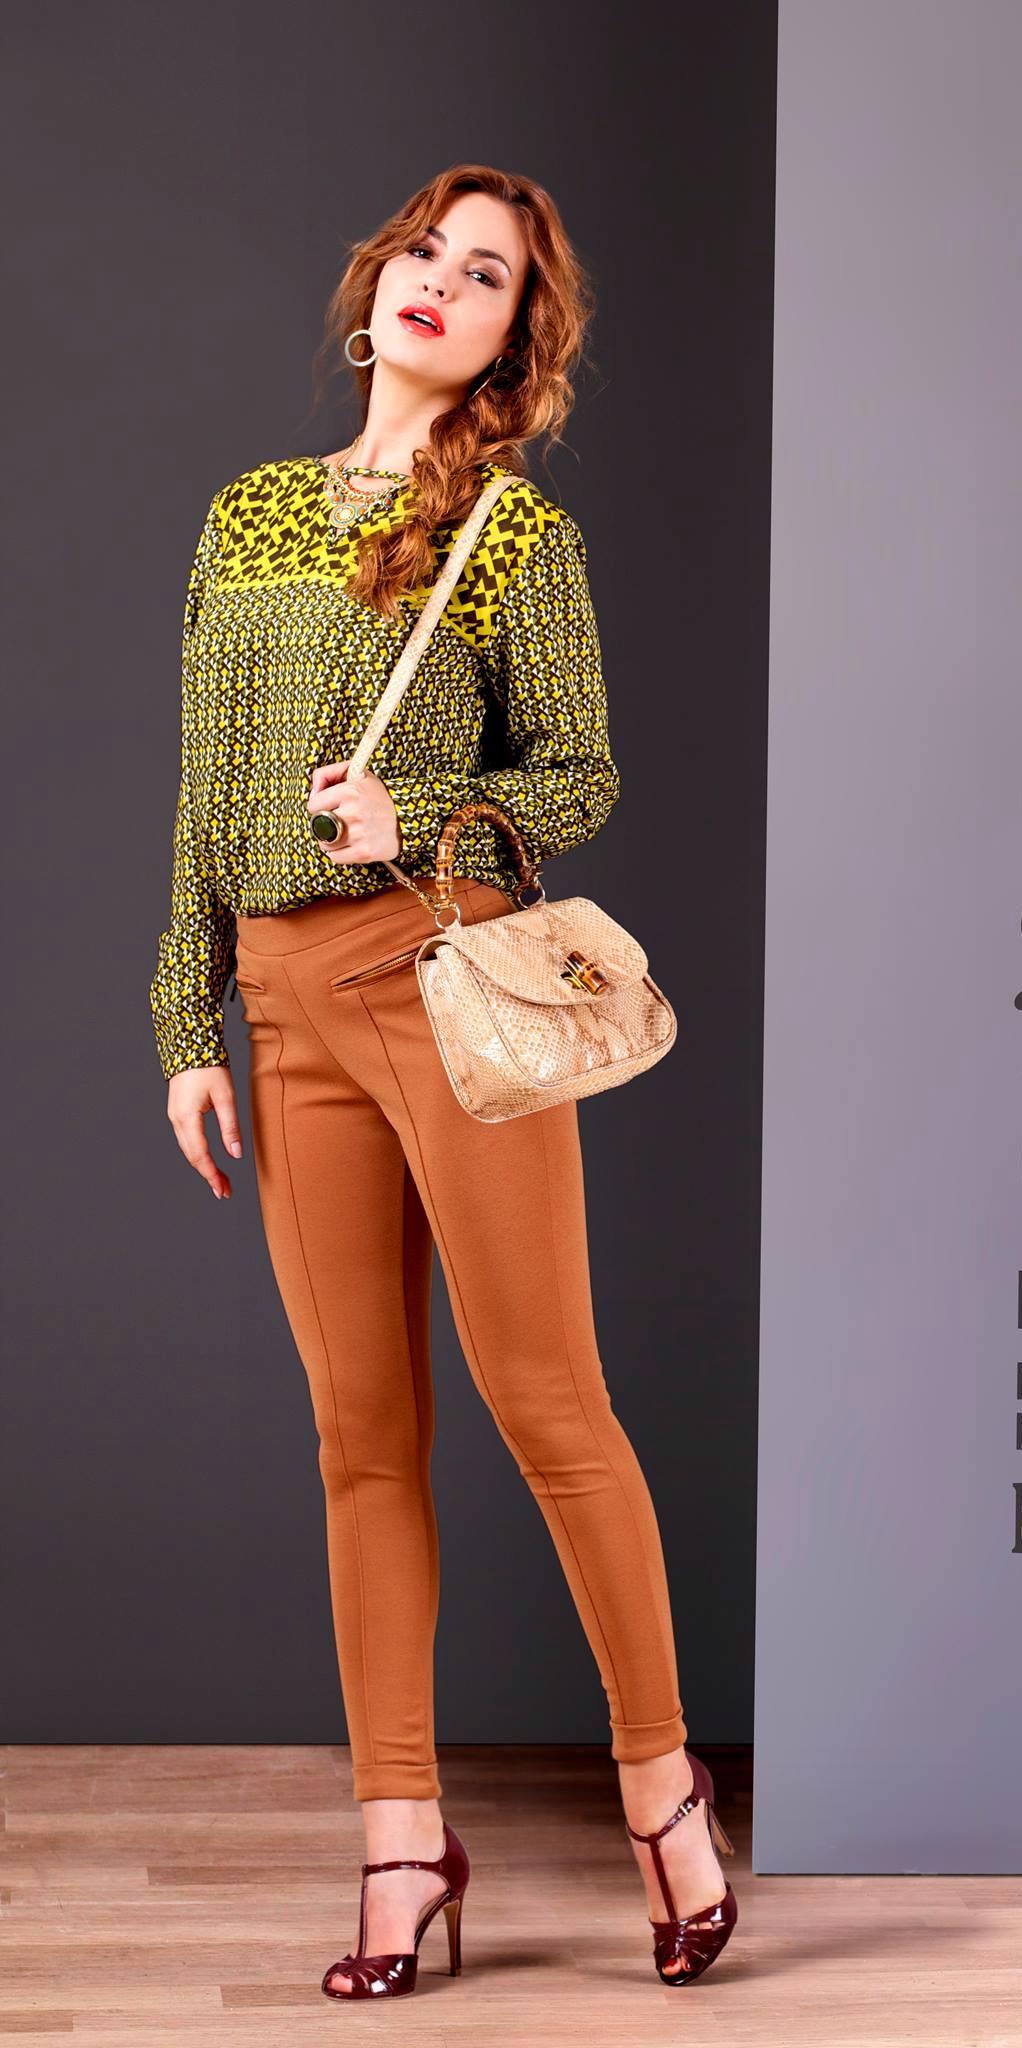 Un legging zippé couleur camel associé à une blouse à print graphique et pour parfaire la silhouette une bandoulière snake et des talons vernis. Blouse : 58.900 DT Legging : 64.900 DT